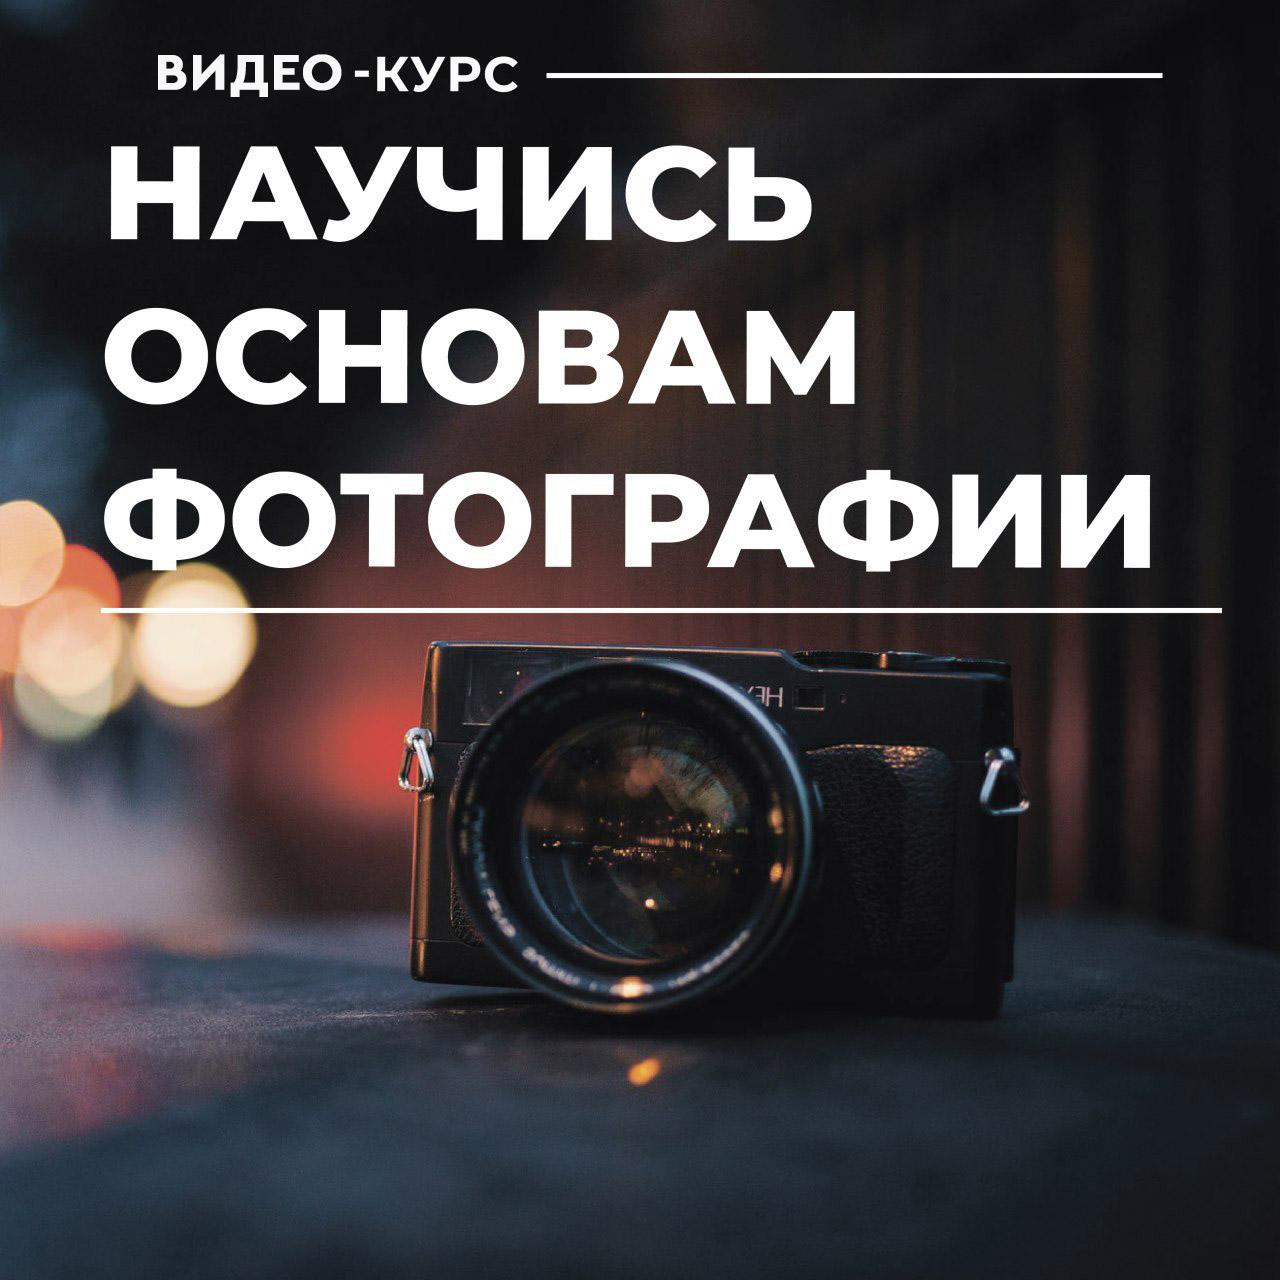 Видео-курс Основы фотографии